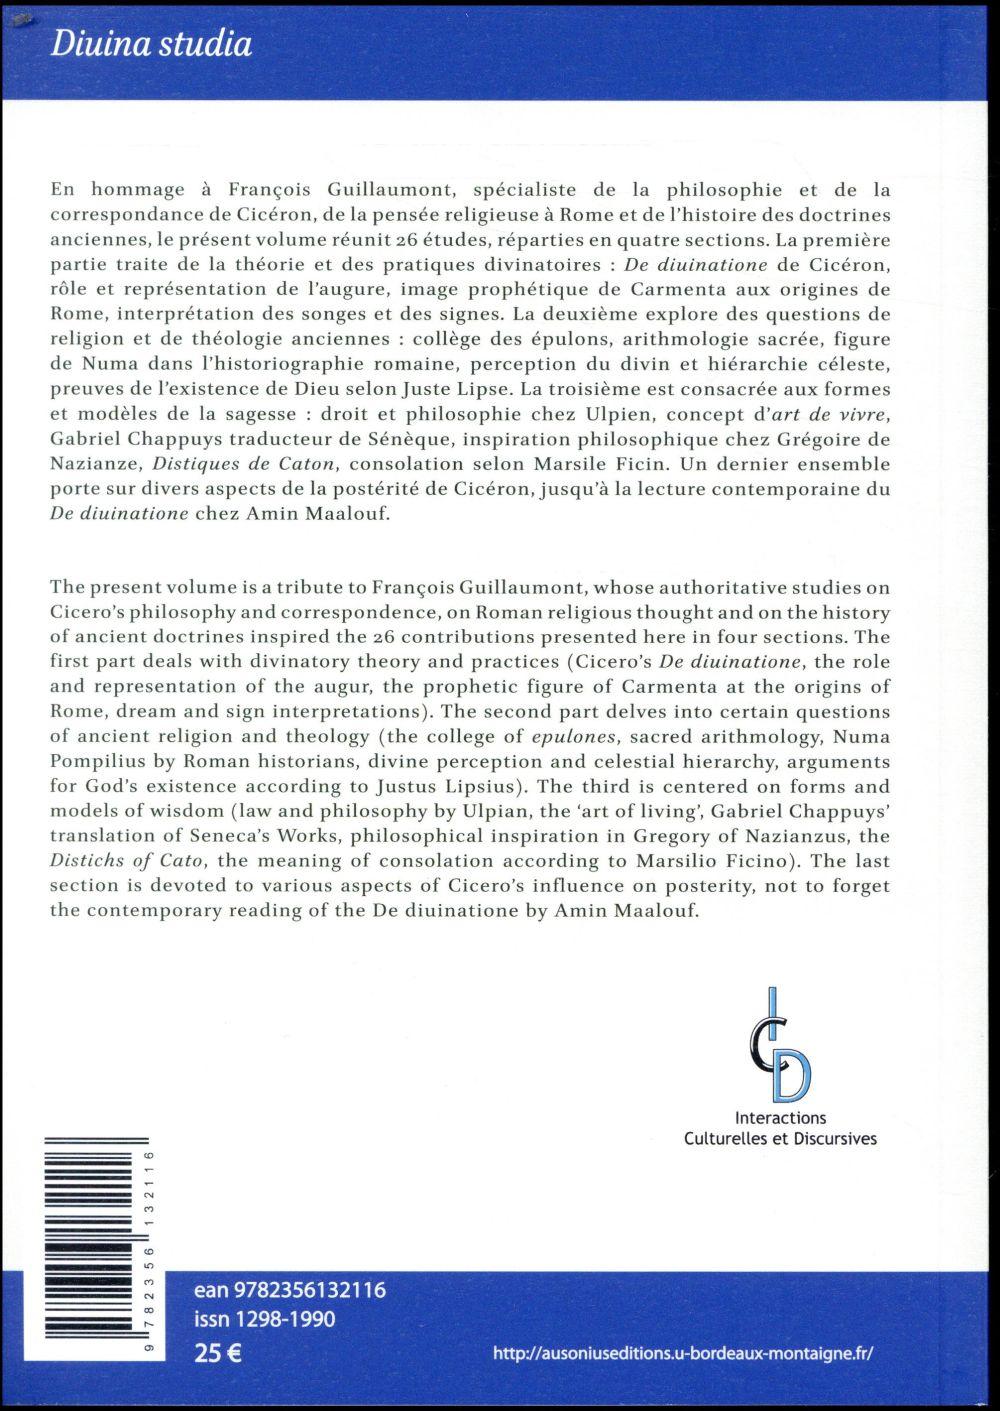 Divina studia. melanges de religion et de philosophie anciennes offerts a franco